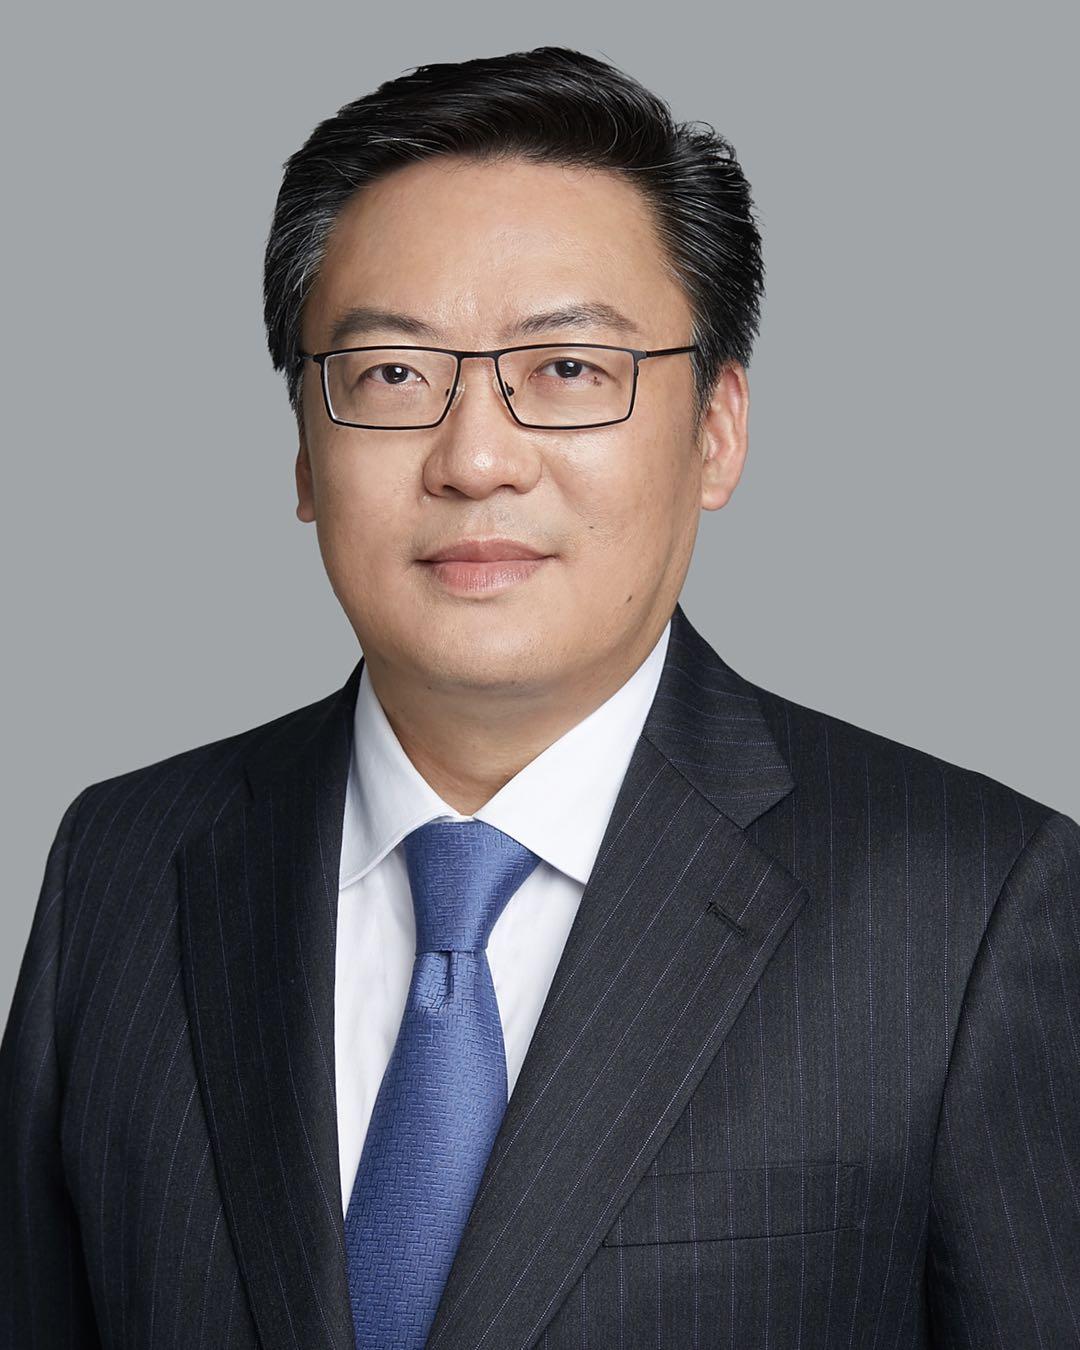 赵嘉鸣升任人民日报社副总编辑,此前担任国际部主任